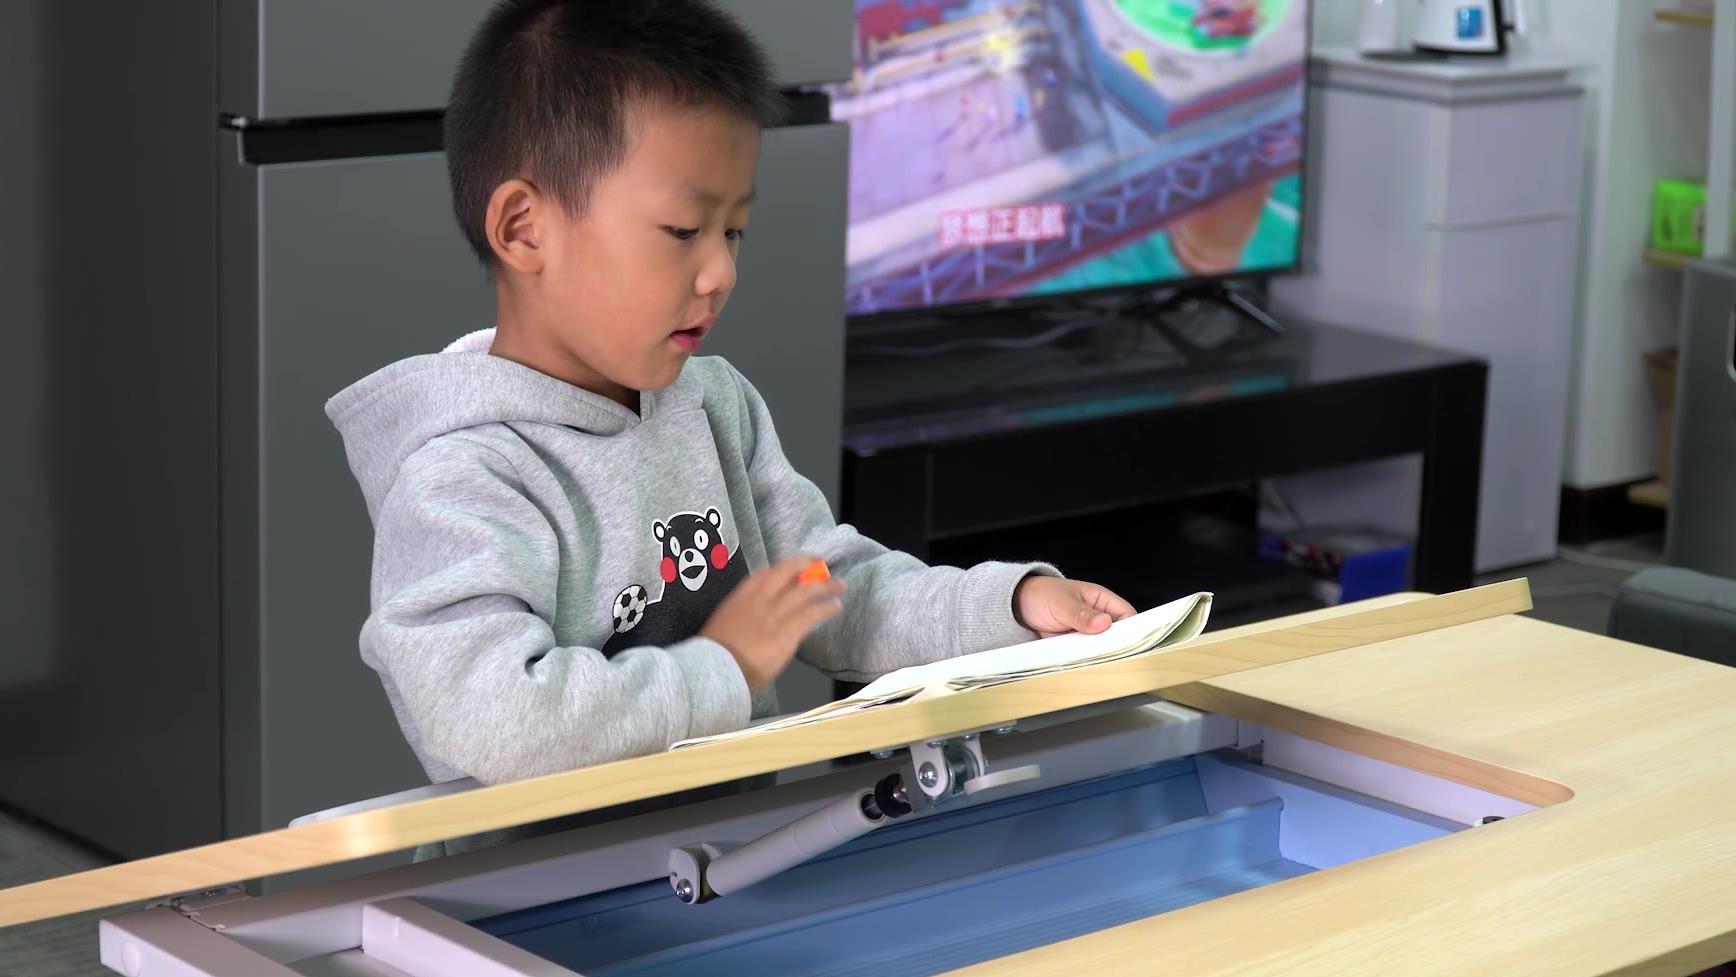 让孩子养成良好坐姿,今天聊聊乐歌EC2电动升降桌